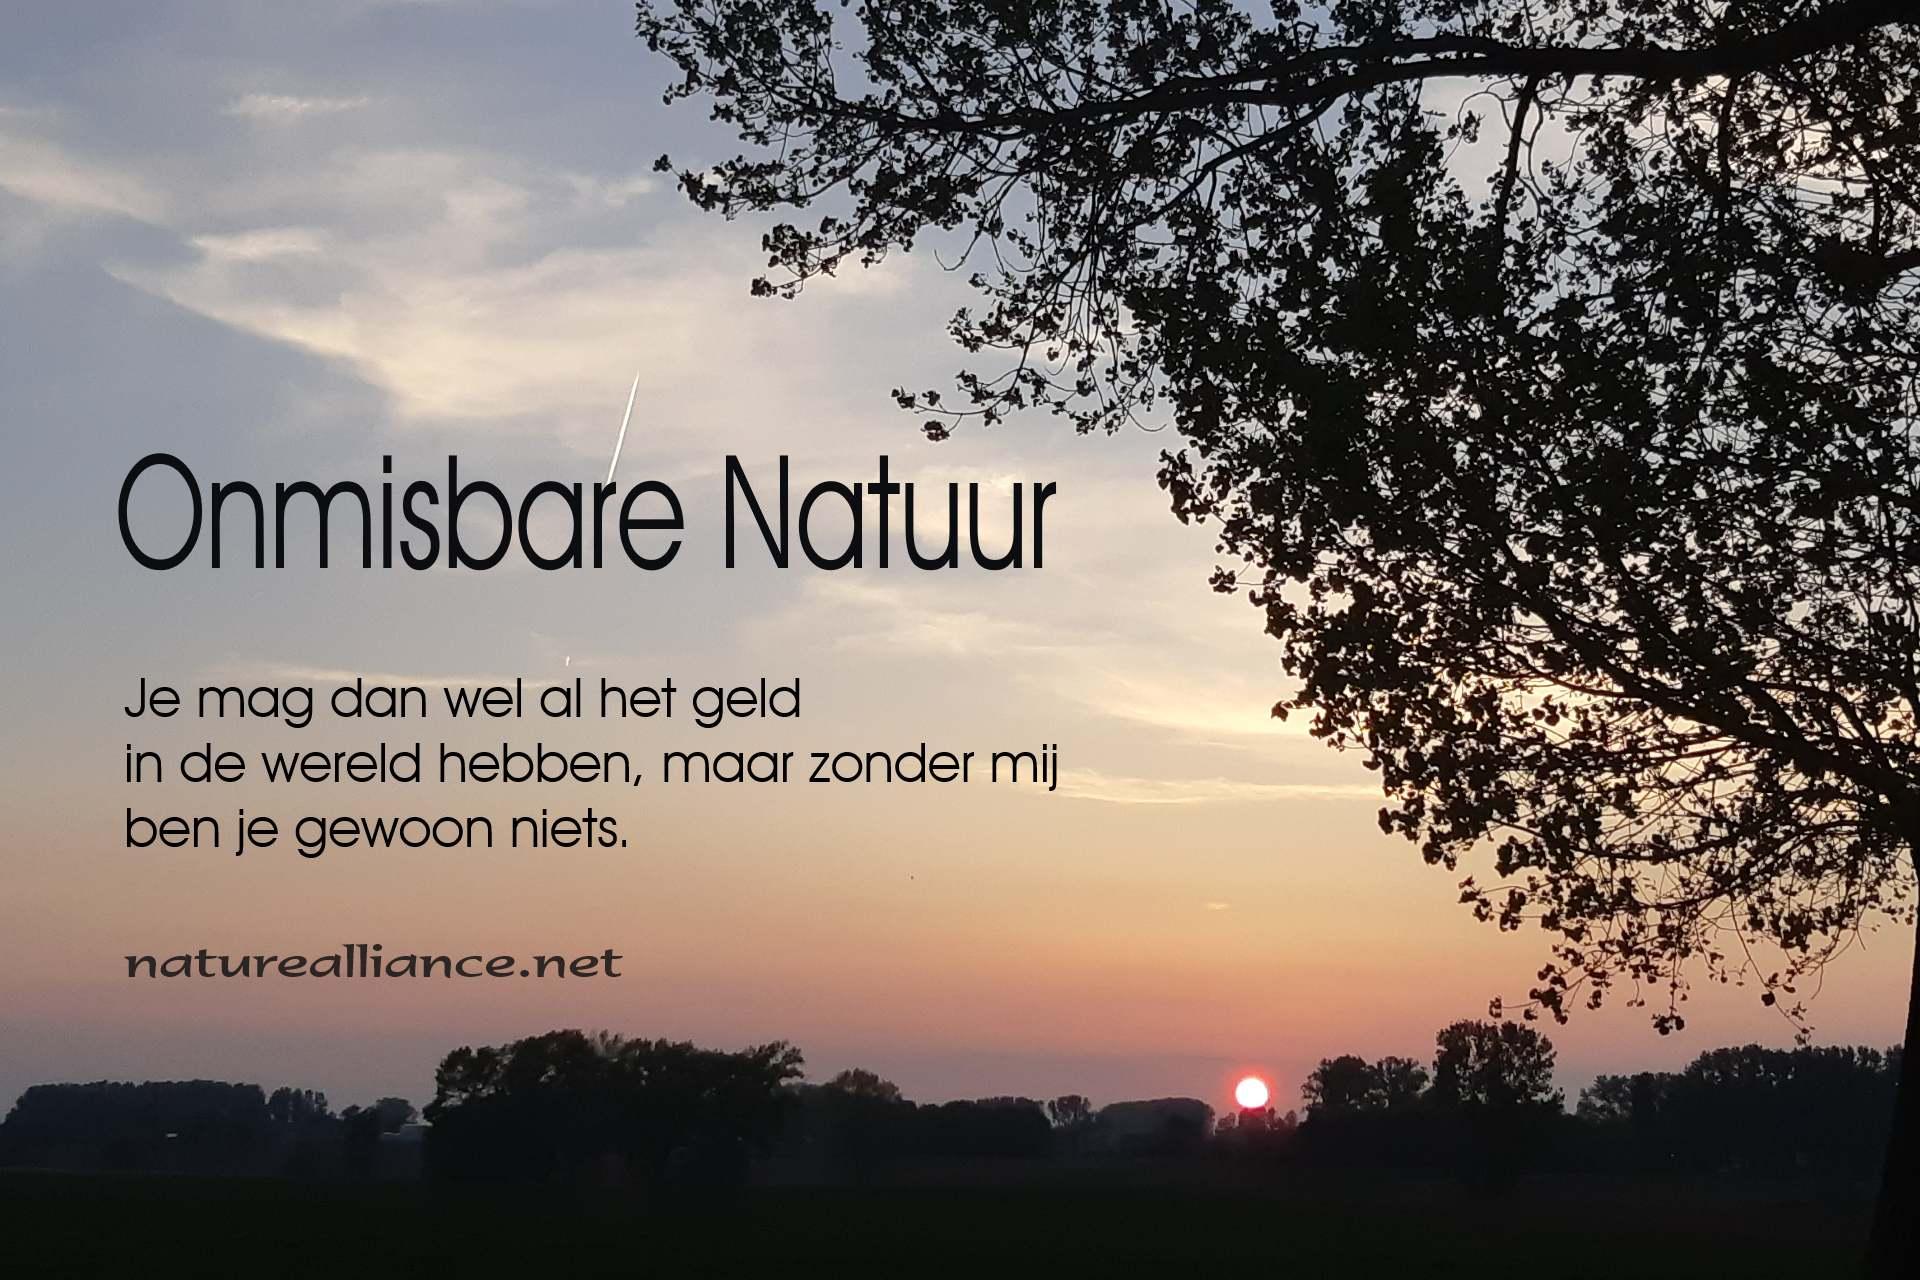 Onmisbare Natuur